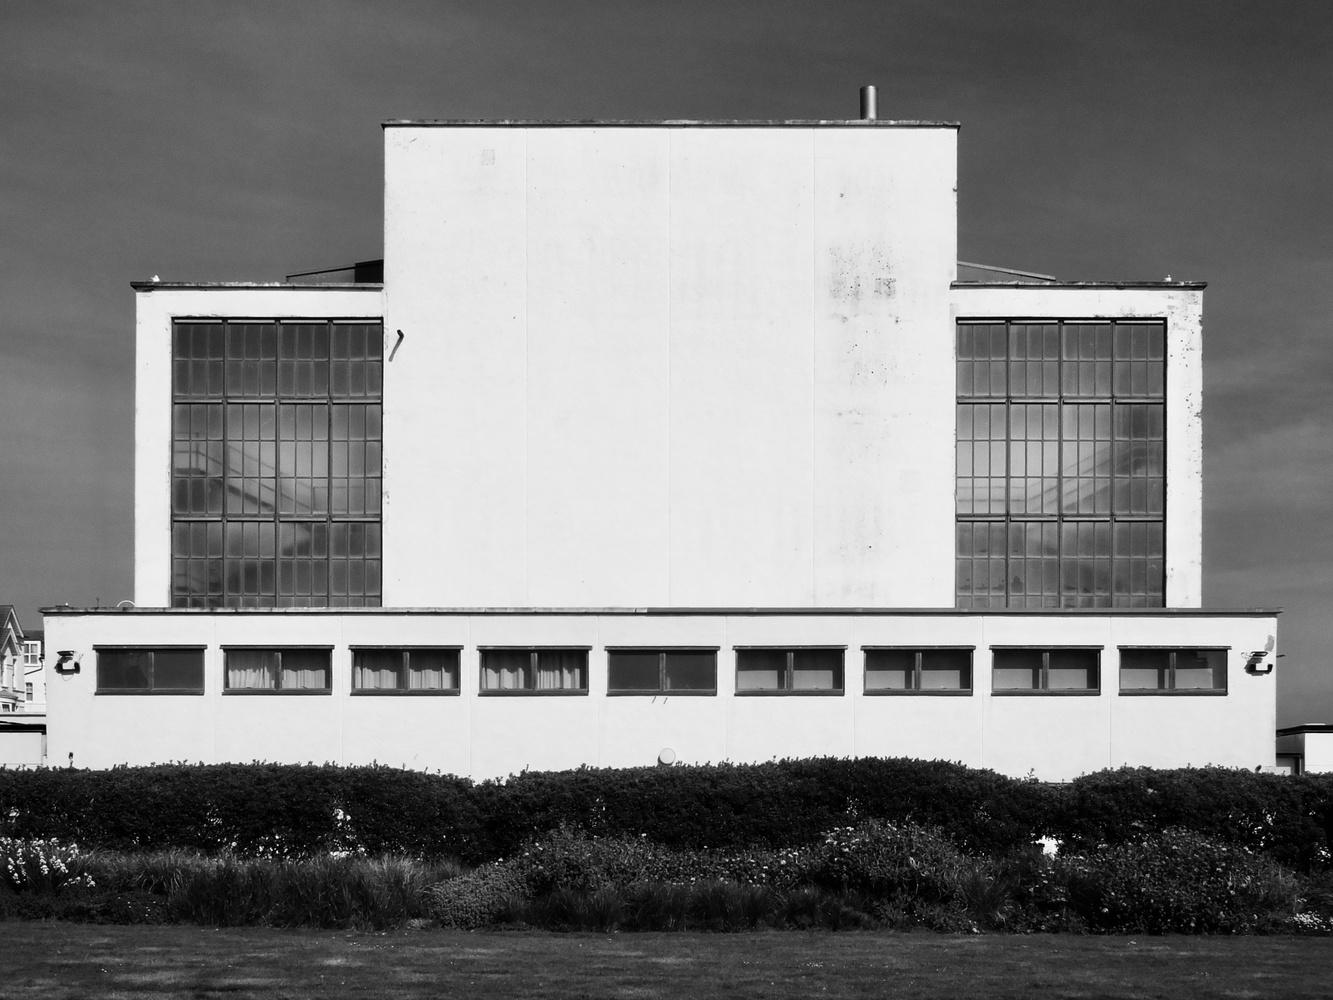 De la Warr Pavilion 02 by William Hunt